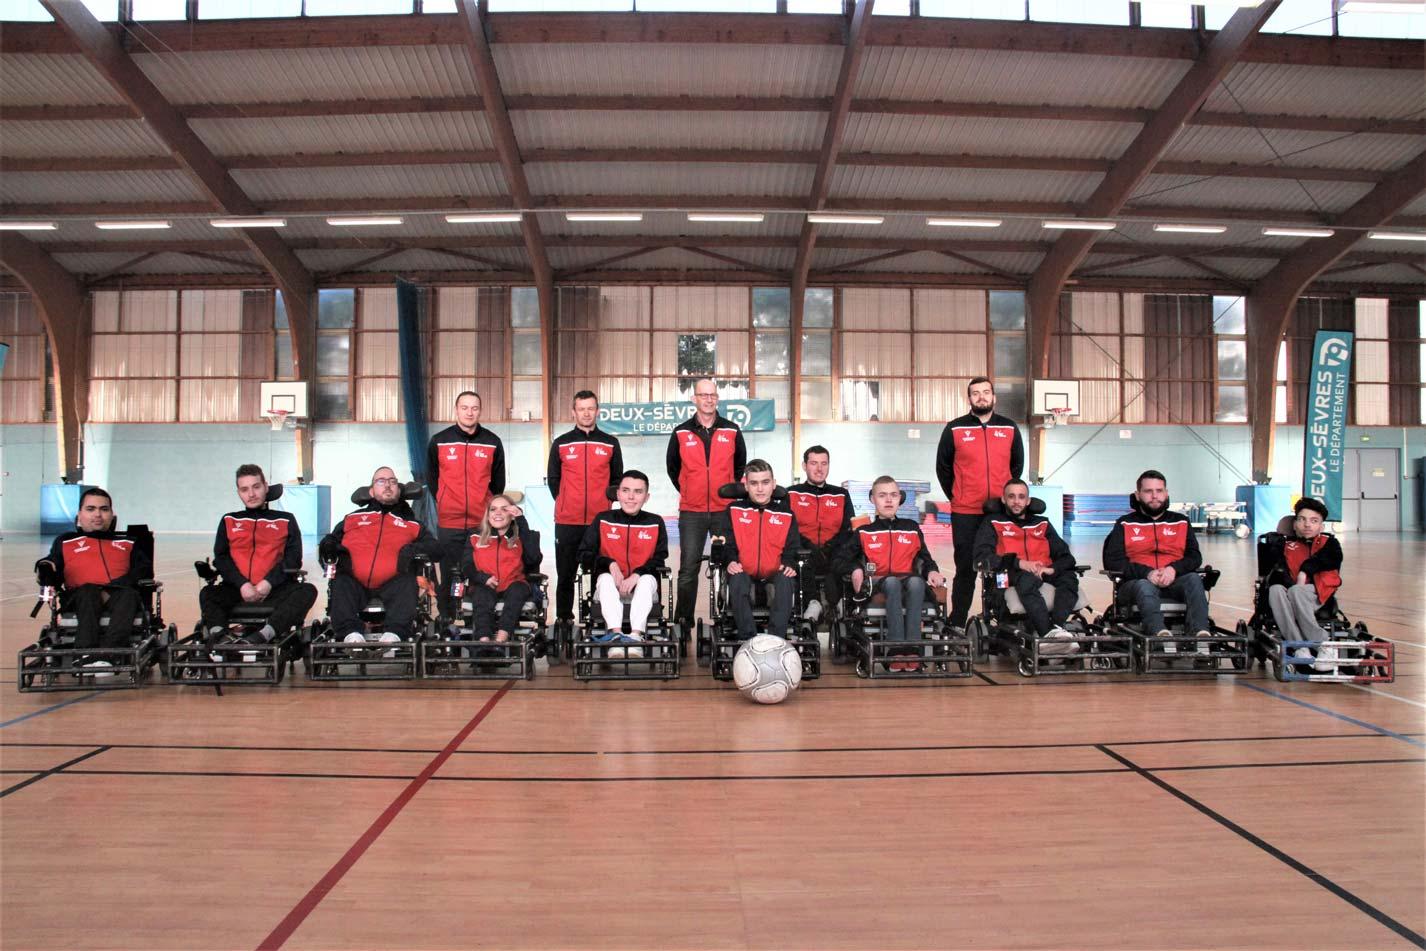 Les 10 joueur.se.s et le staff de l'équipe de France lors du stage organisé à Niort en mars 2020.